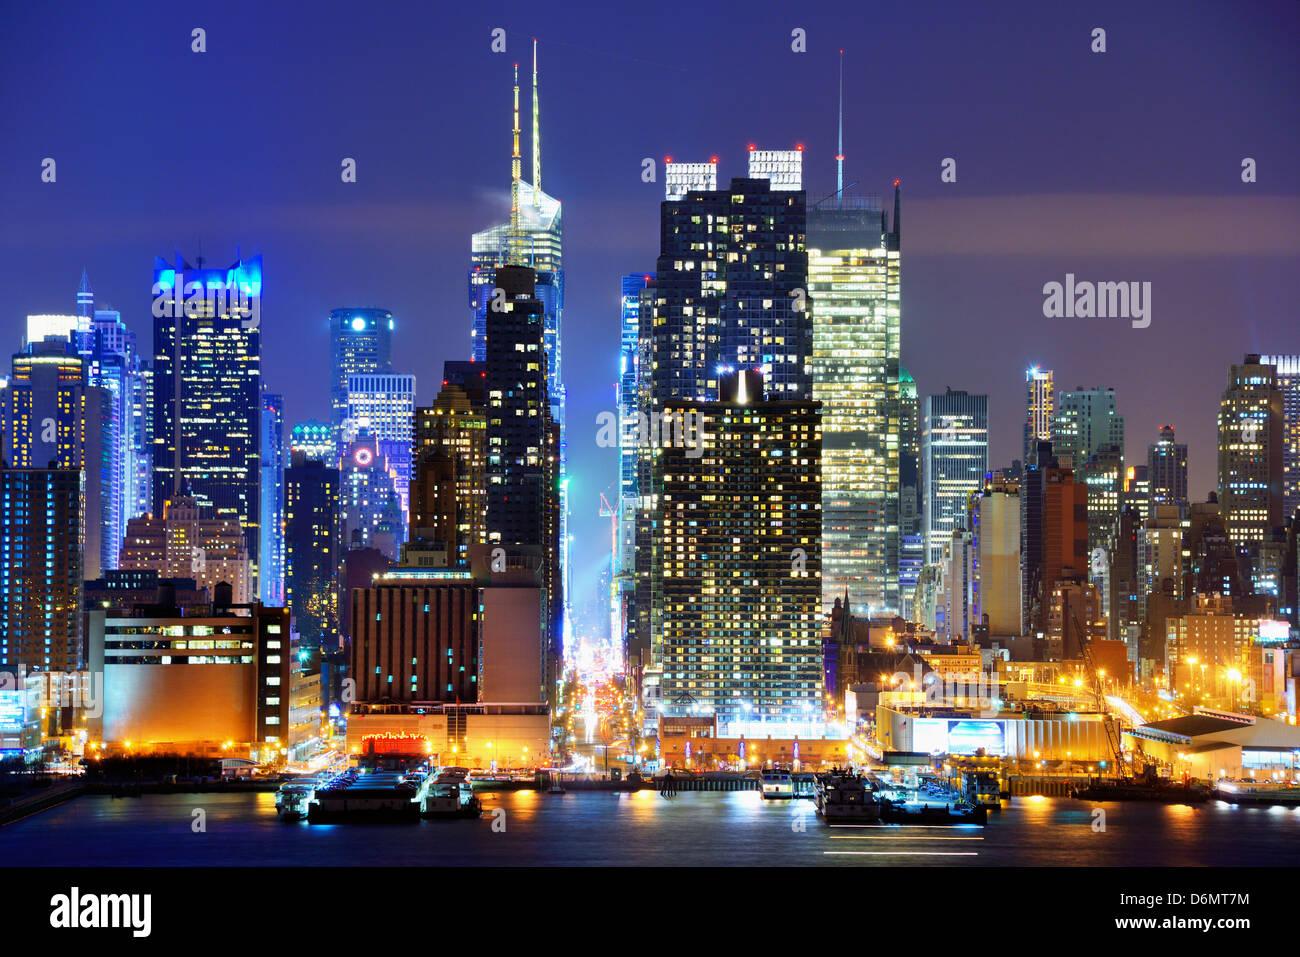 Midtown Manhattan an der 42nd Street betrachtet aus über den Hudson River in New York City. Stockfoto